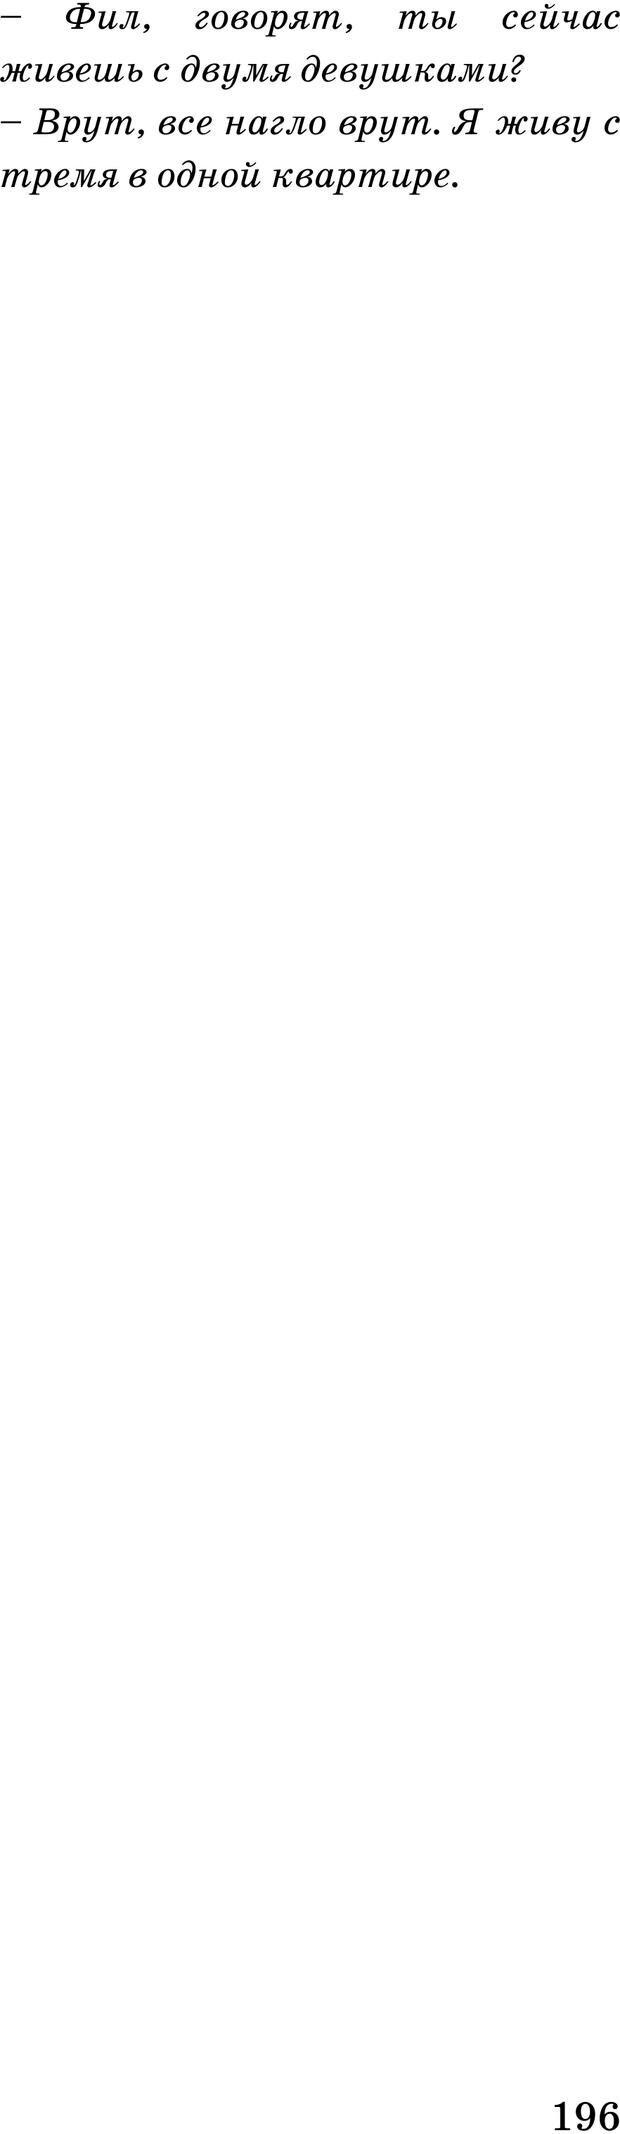 PDF. Русская Модель Эффективного Соблазнения. Мастерский курс. Богачев Ф. О. Страница 191. Читать онлайн